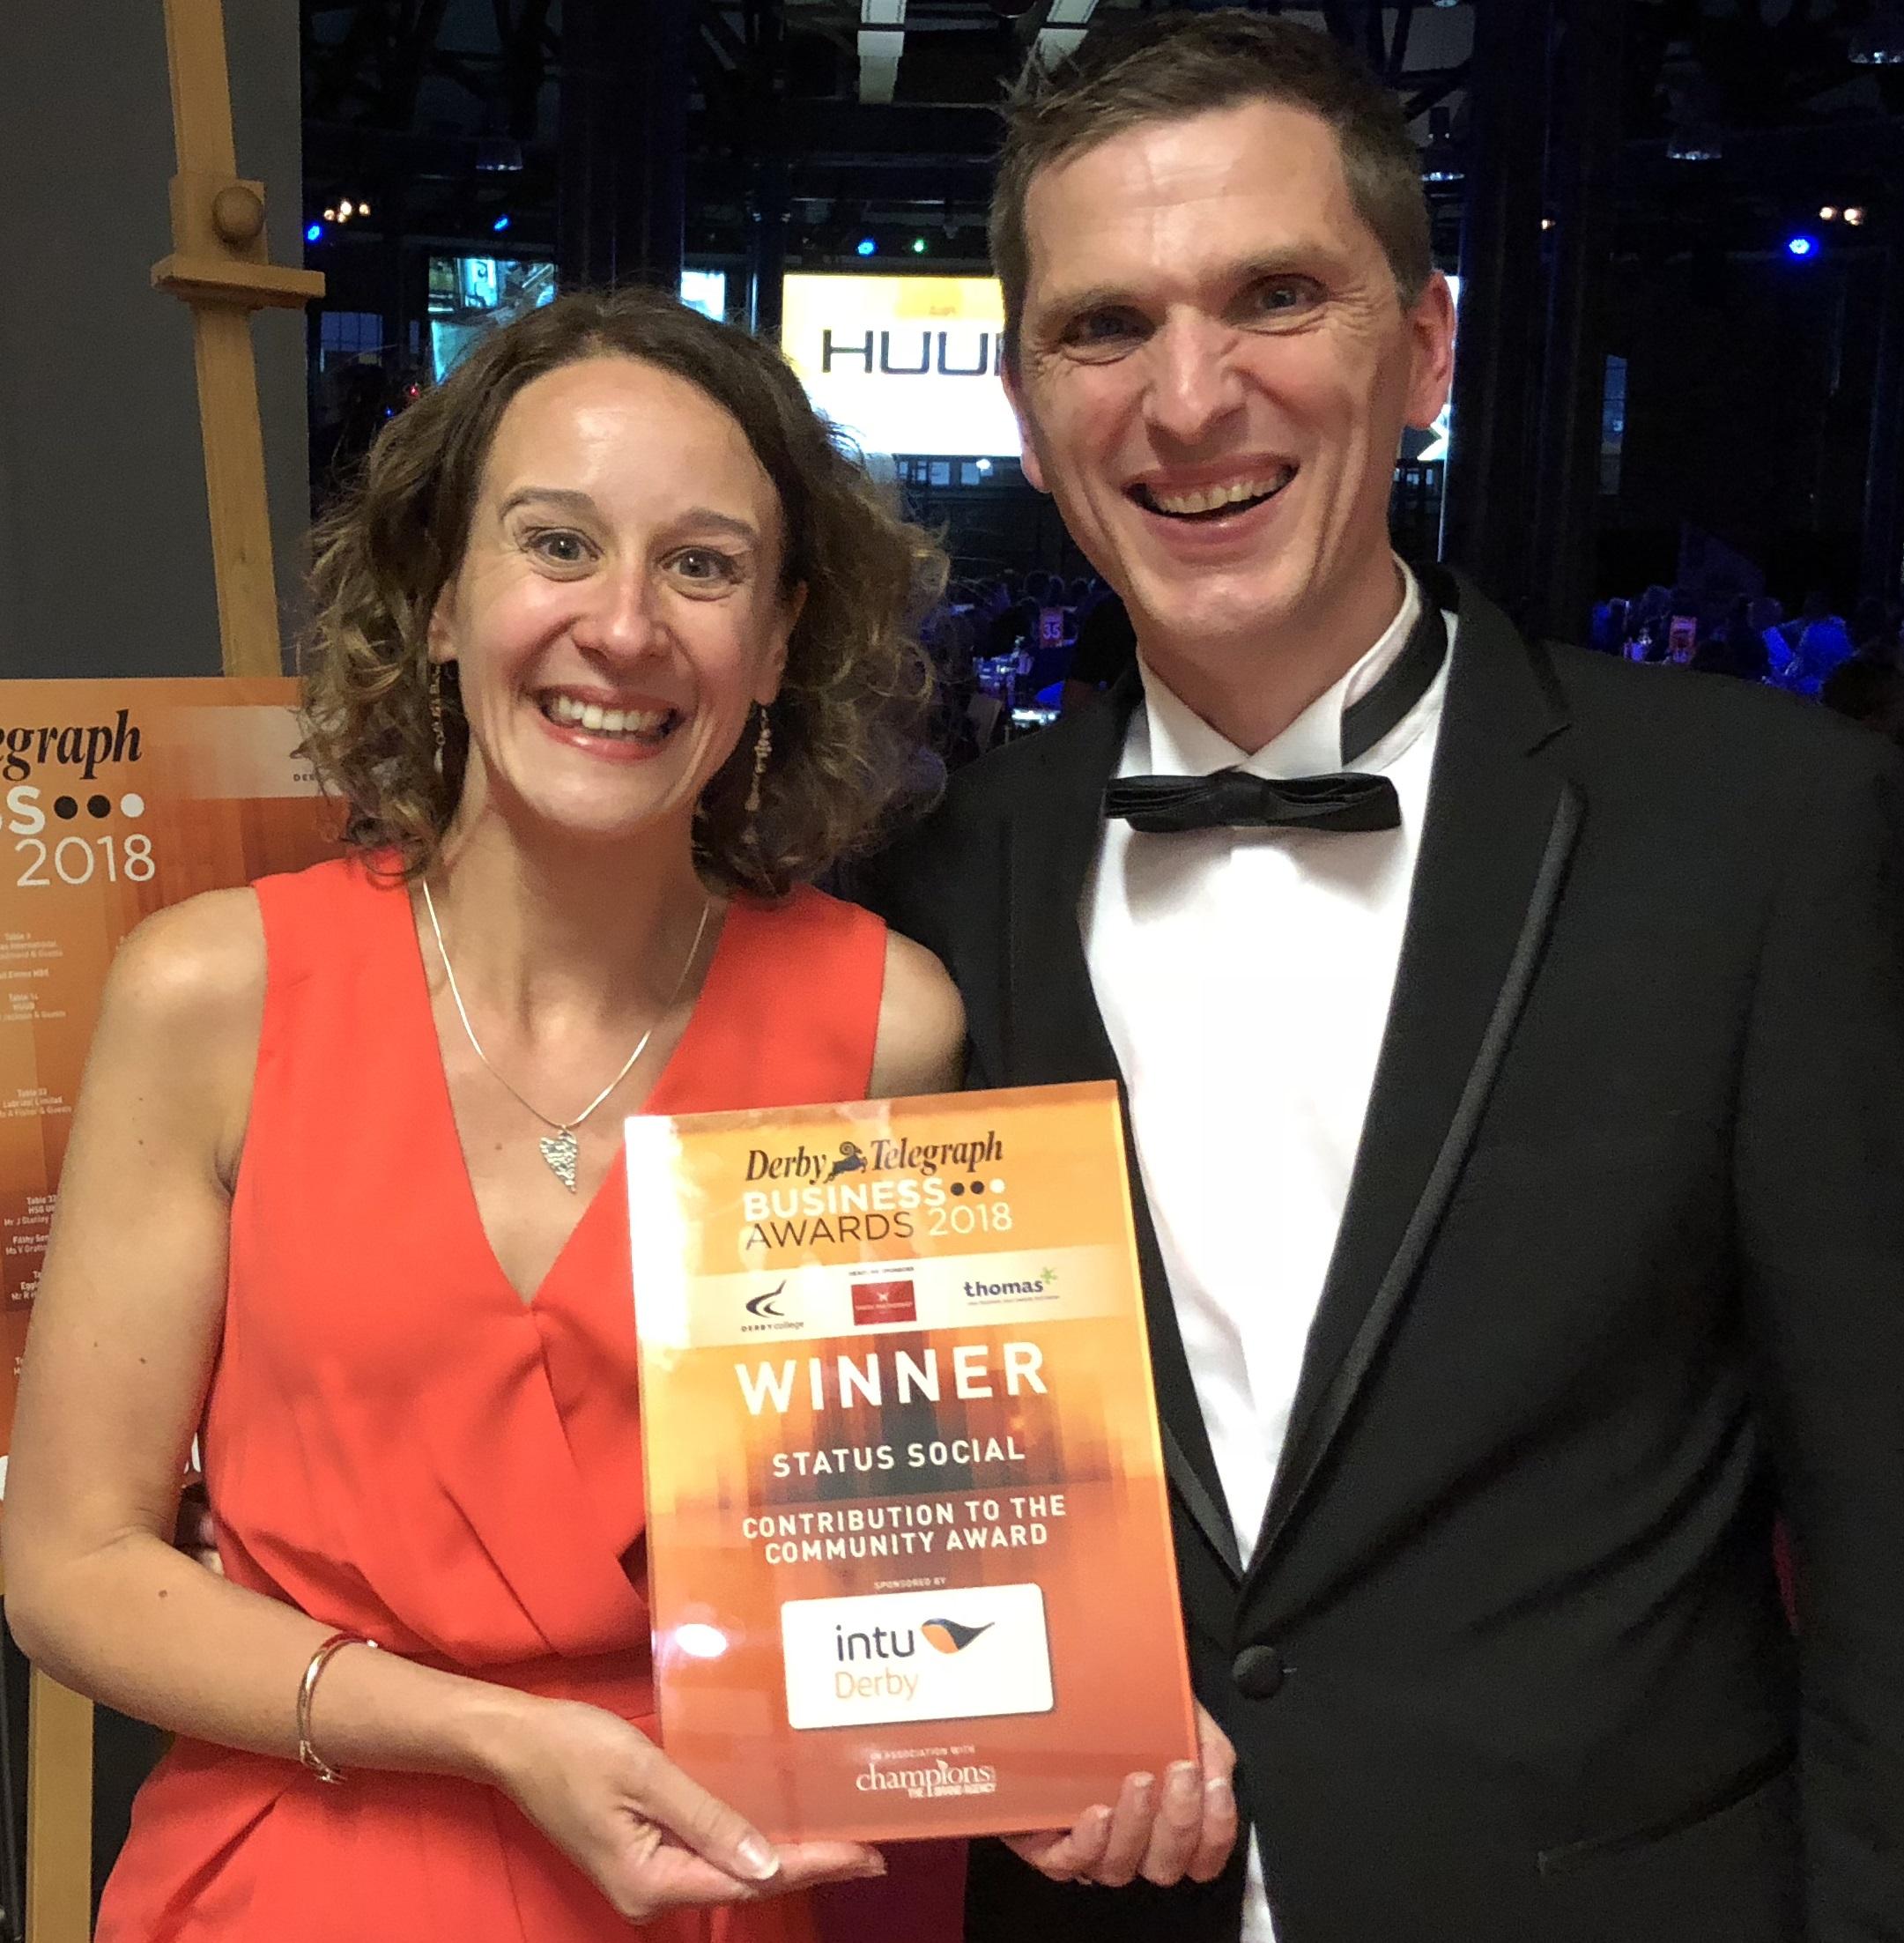 Award Winning Social Media Agency